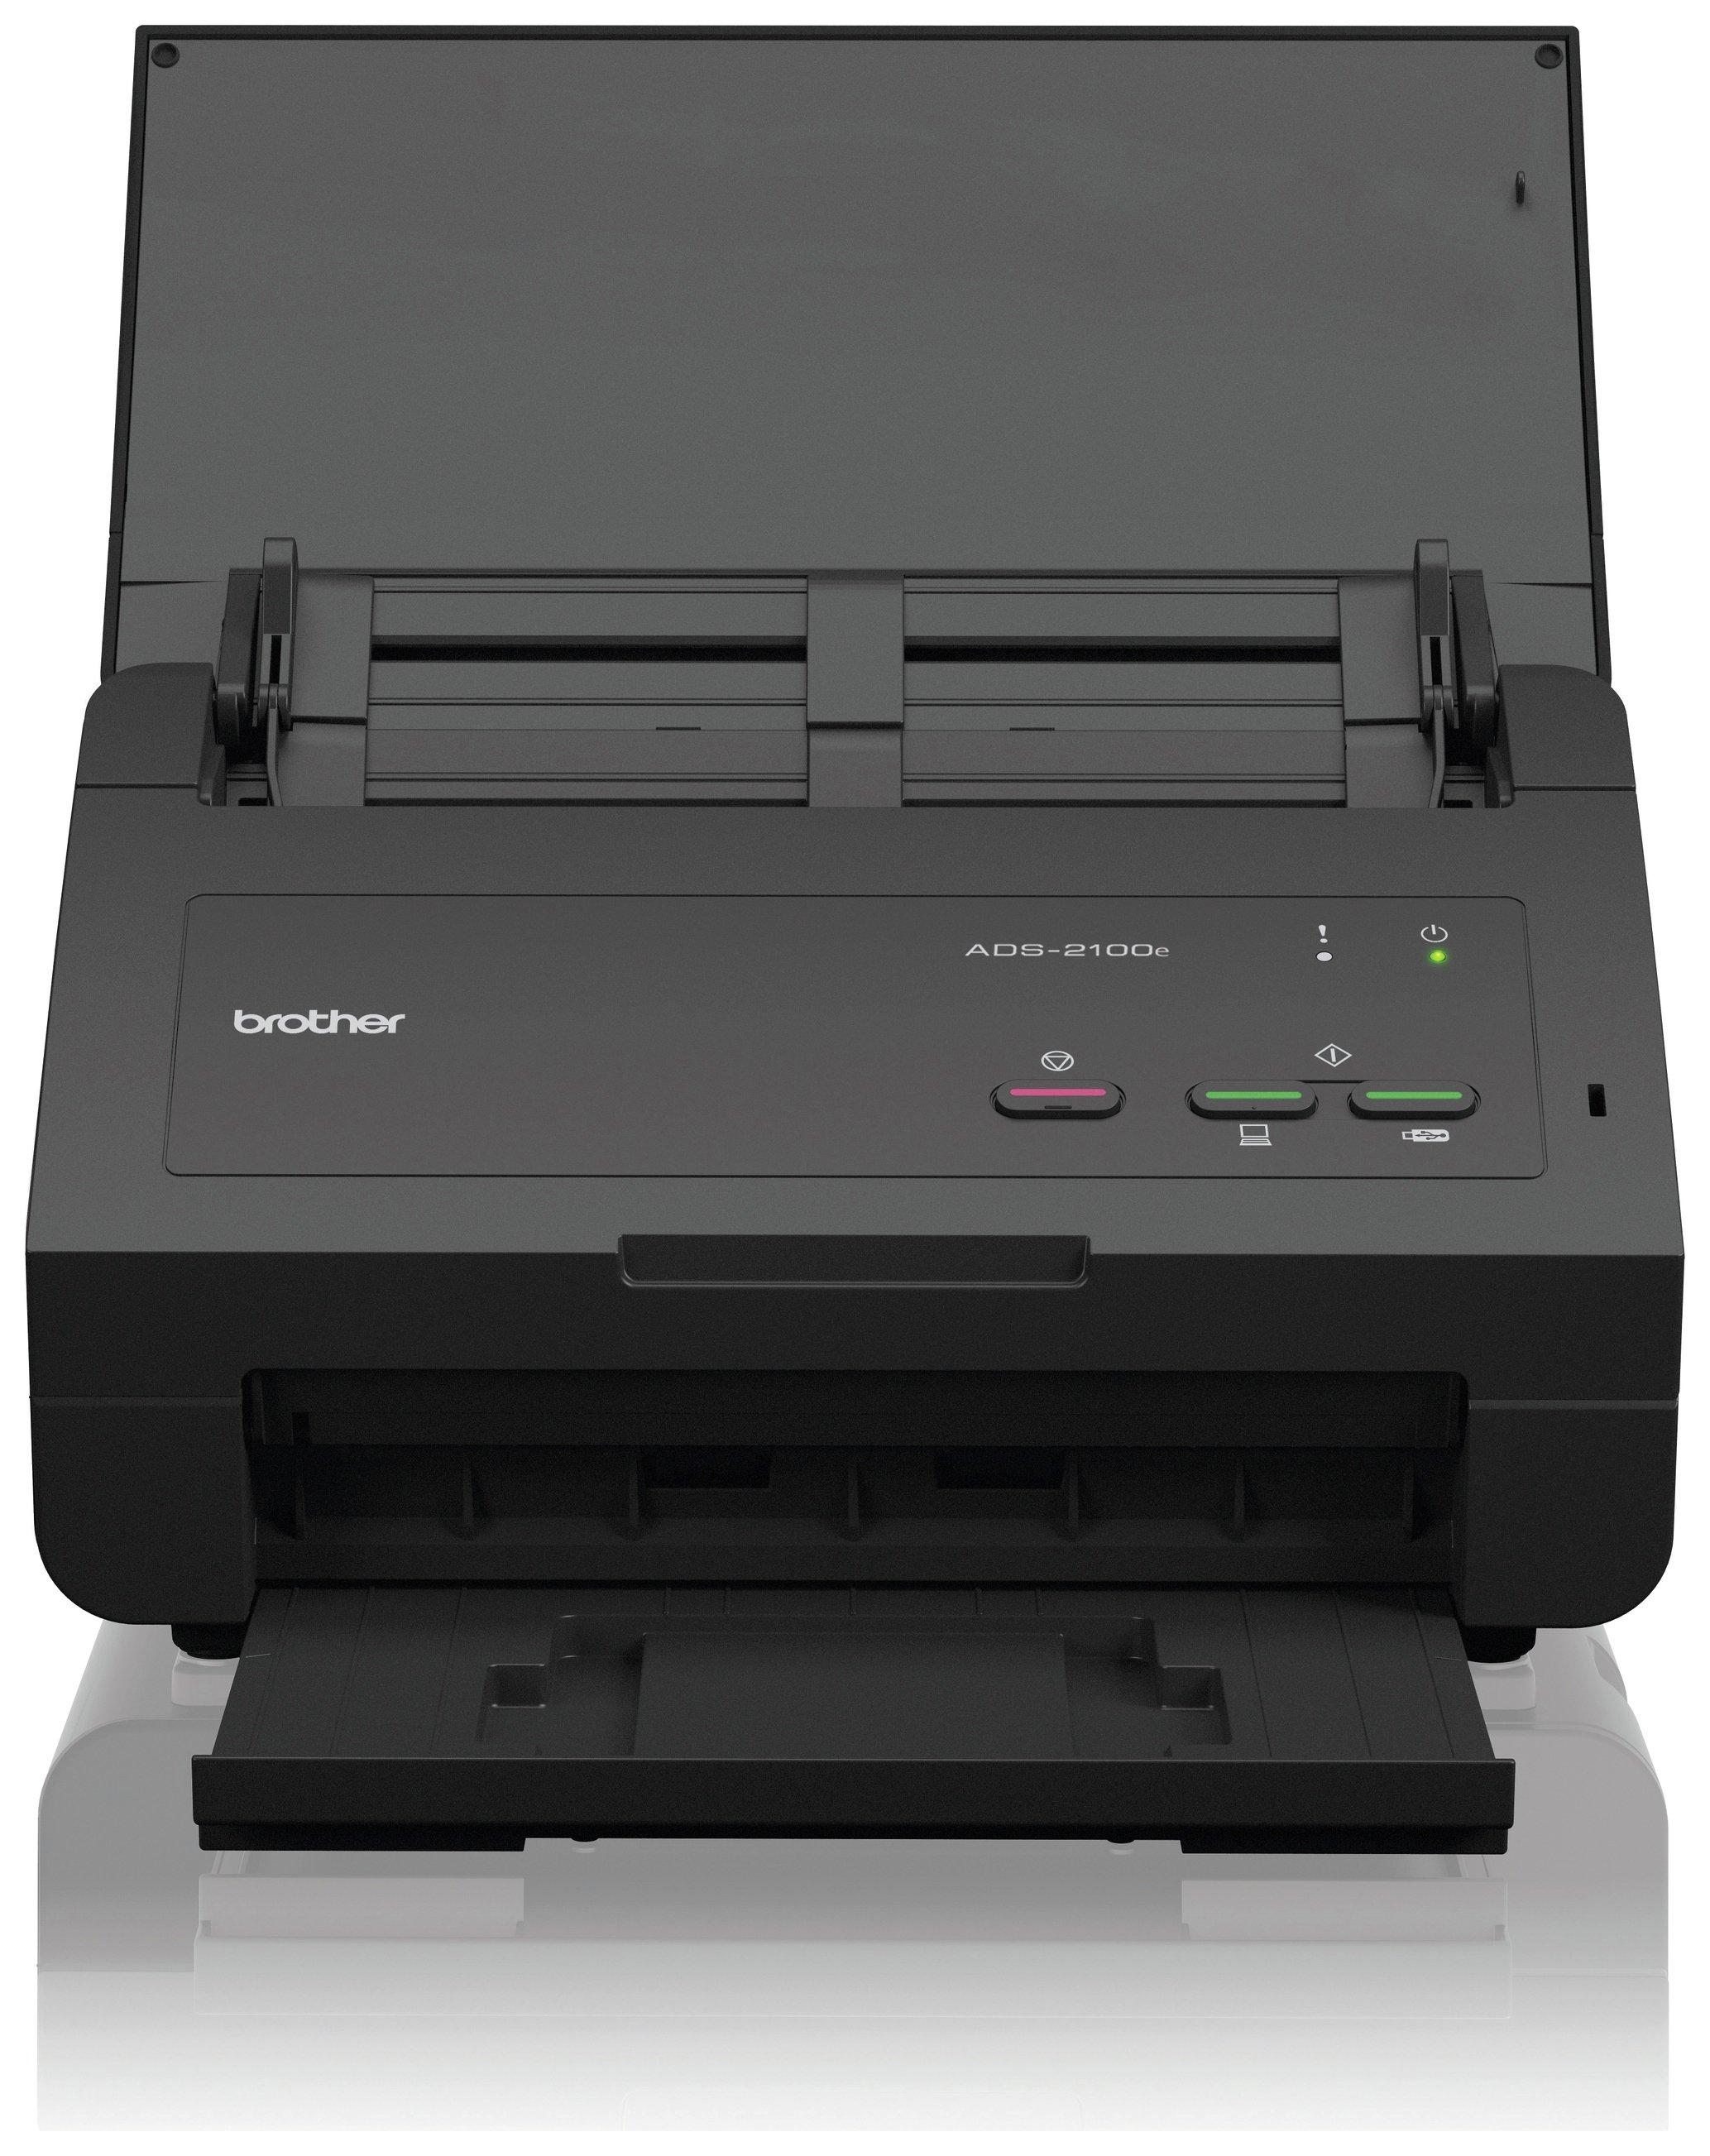 Image of Brother ADS-2100e Desktop Office Scanner